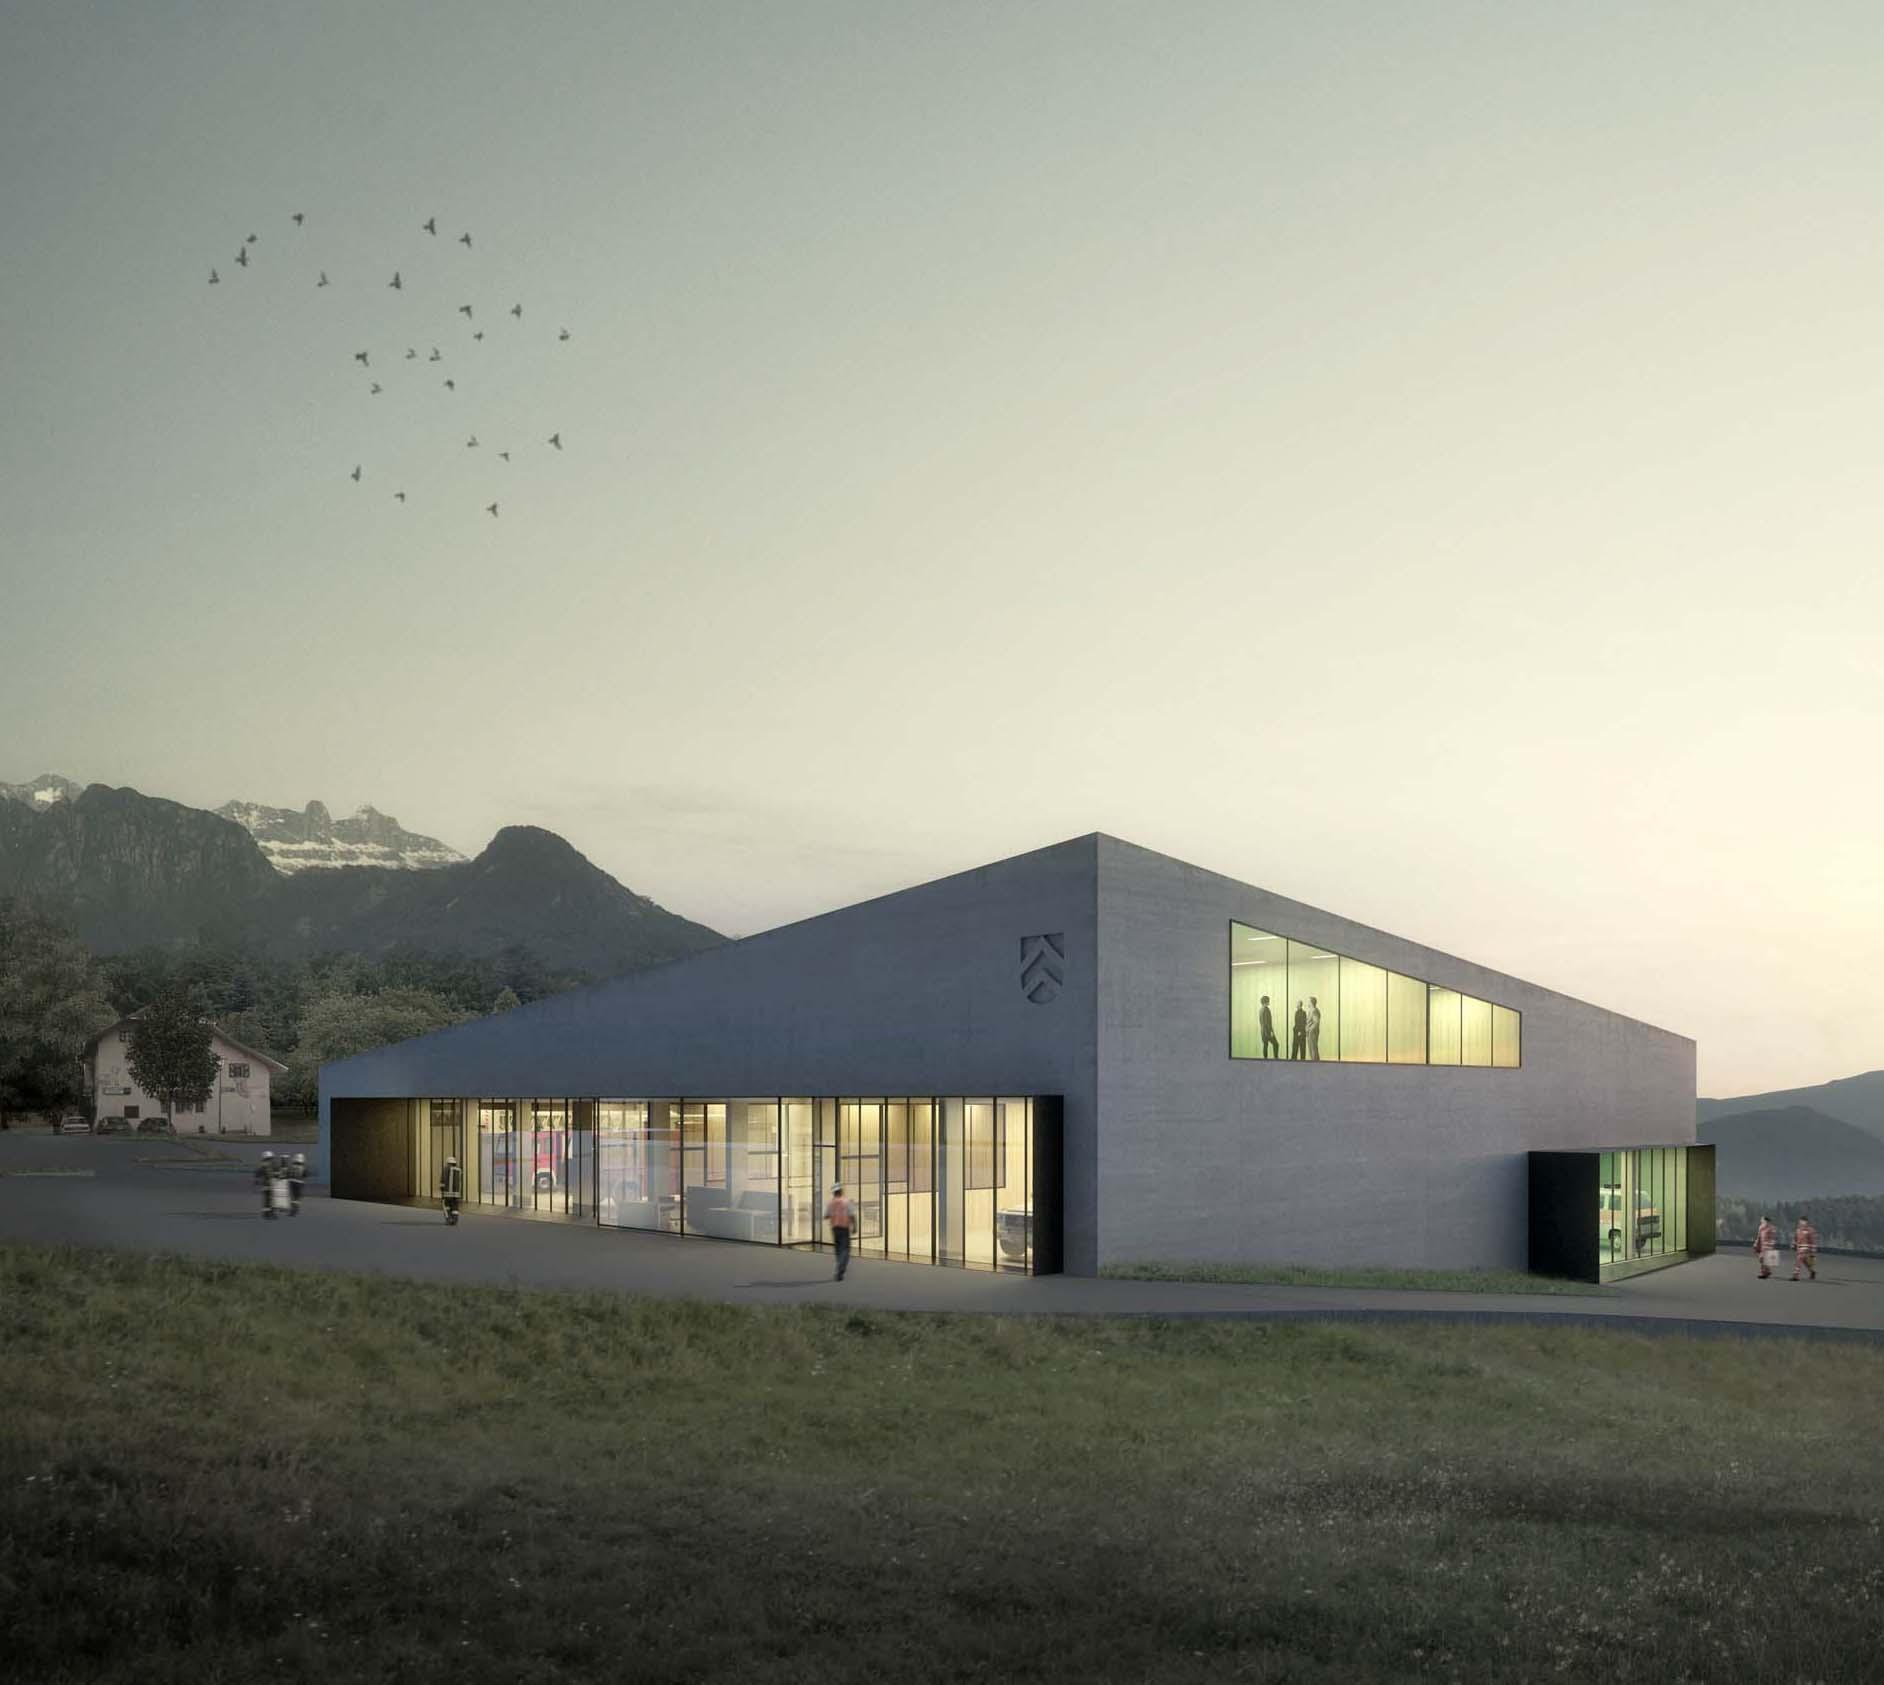 Wettbewerb Zivilschutzzentrum Ritten